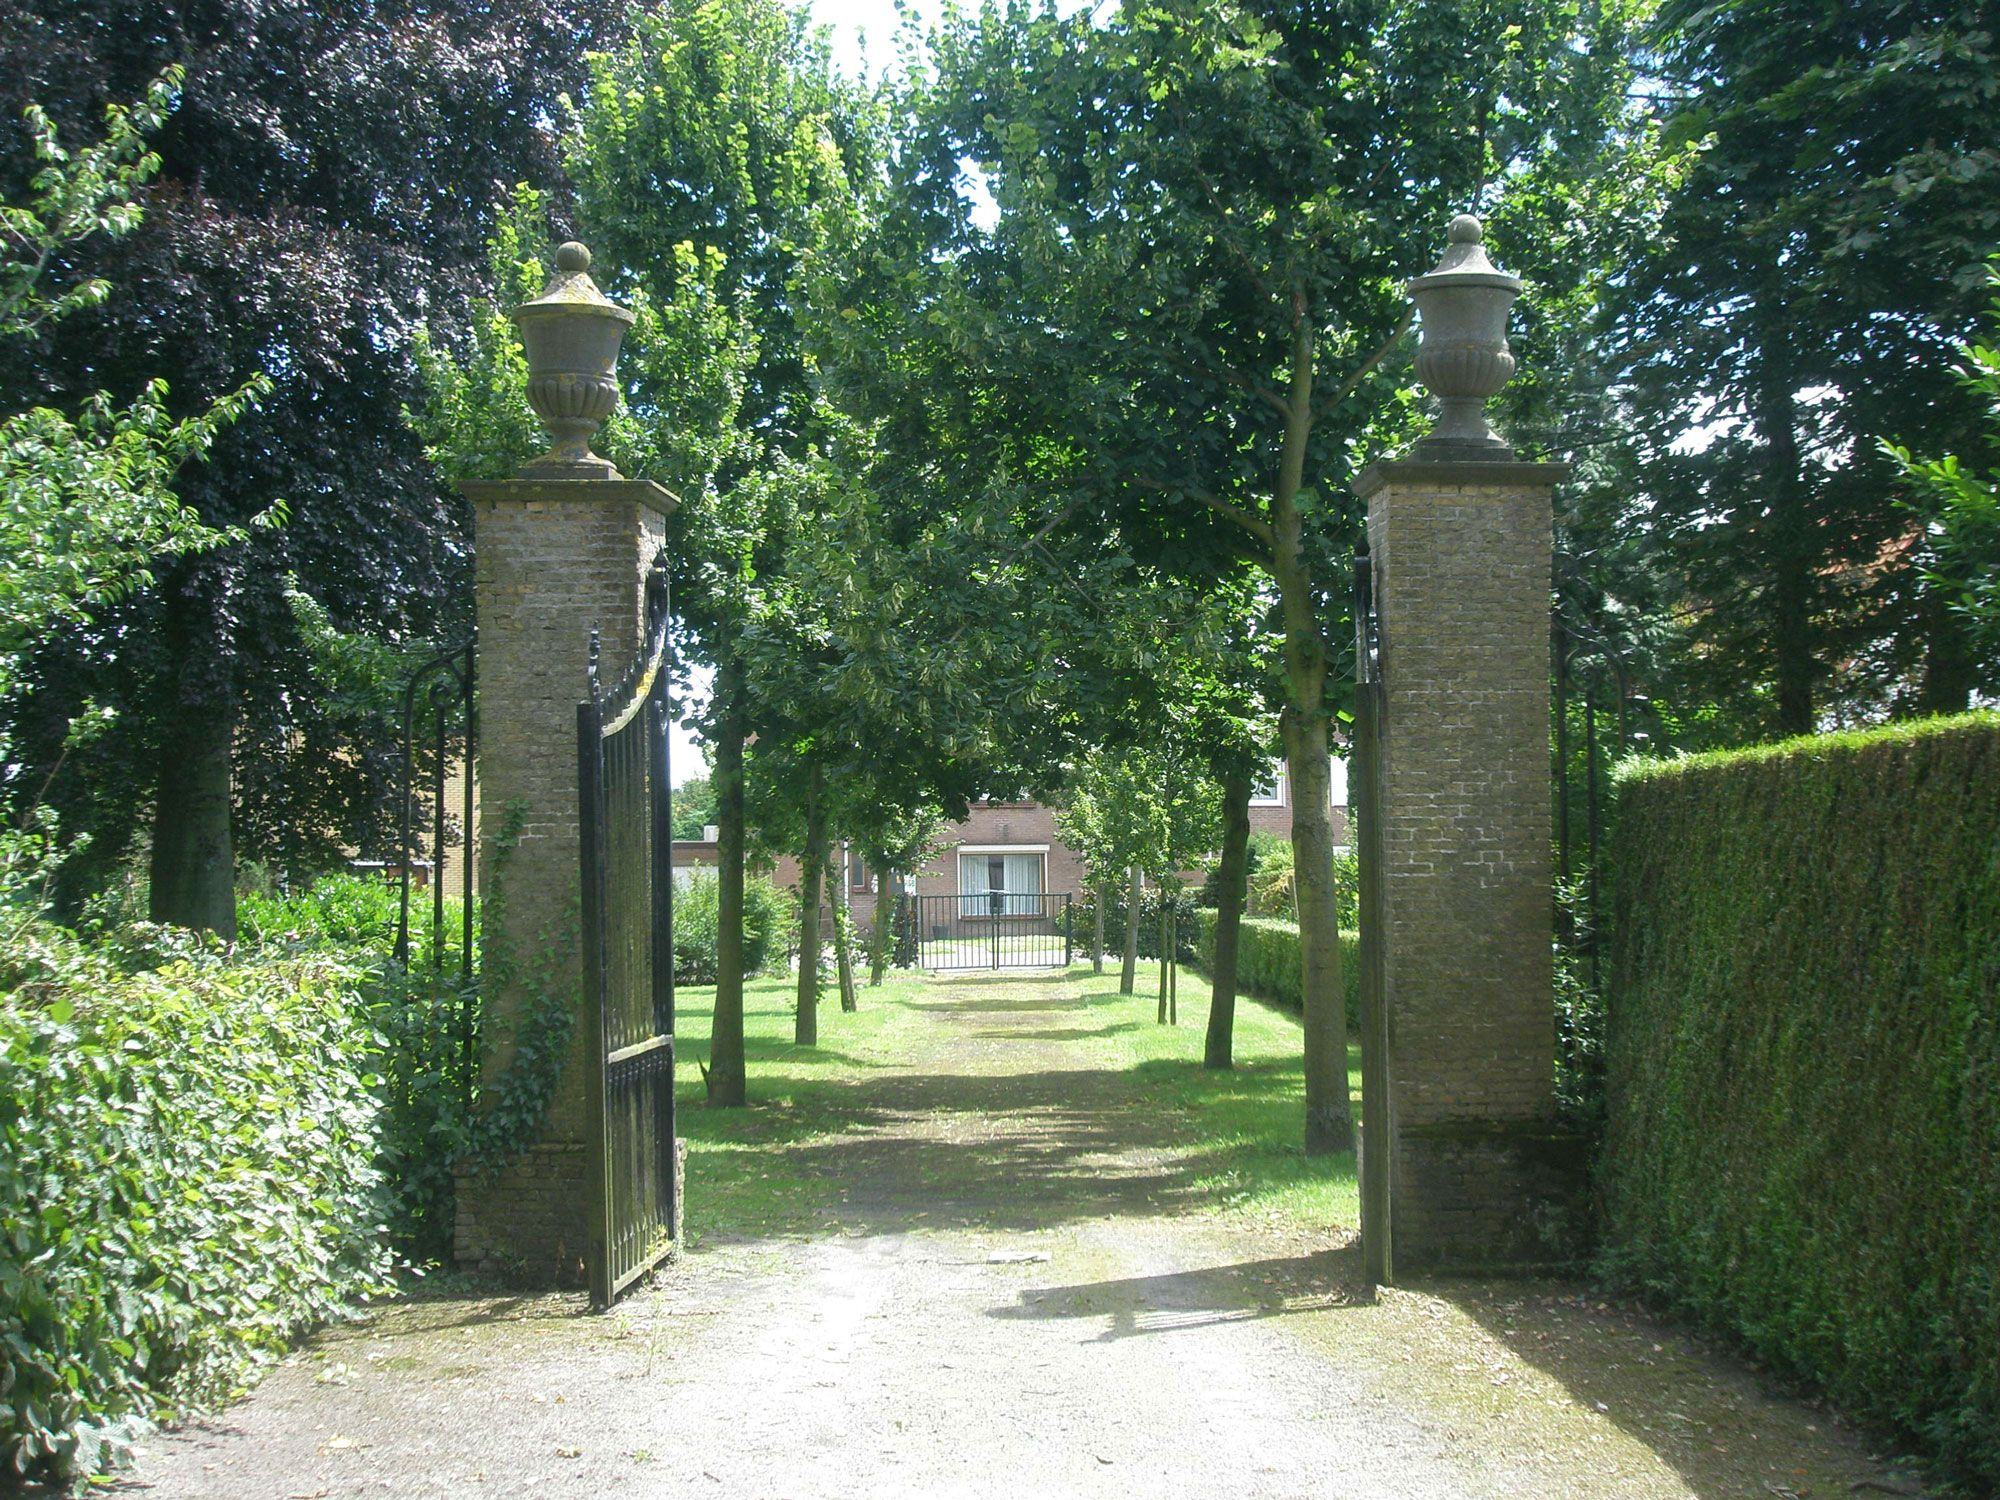 Aan de Zoutestraat bevindt zich het monumentale toegangshek van de begraafplaats.